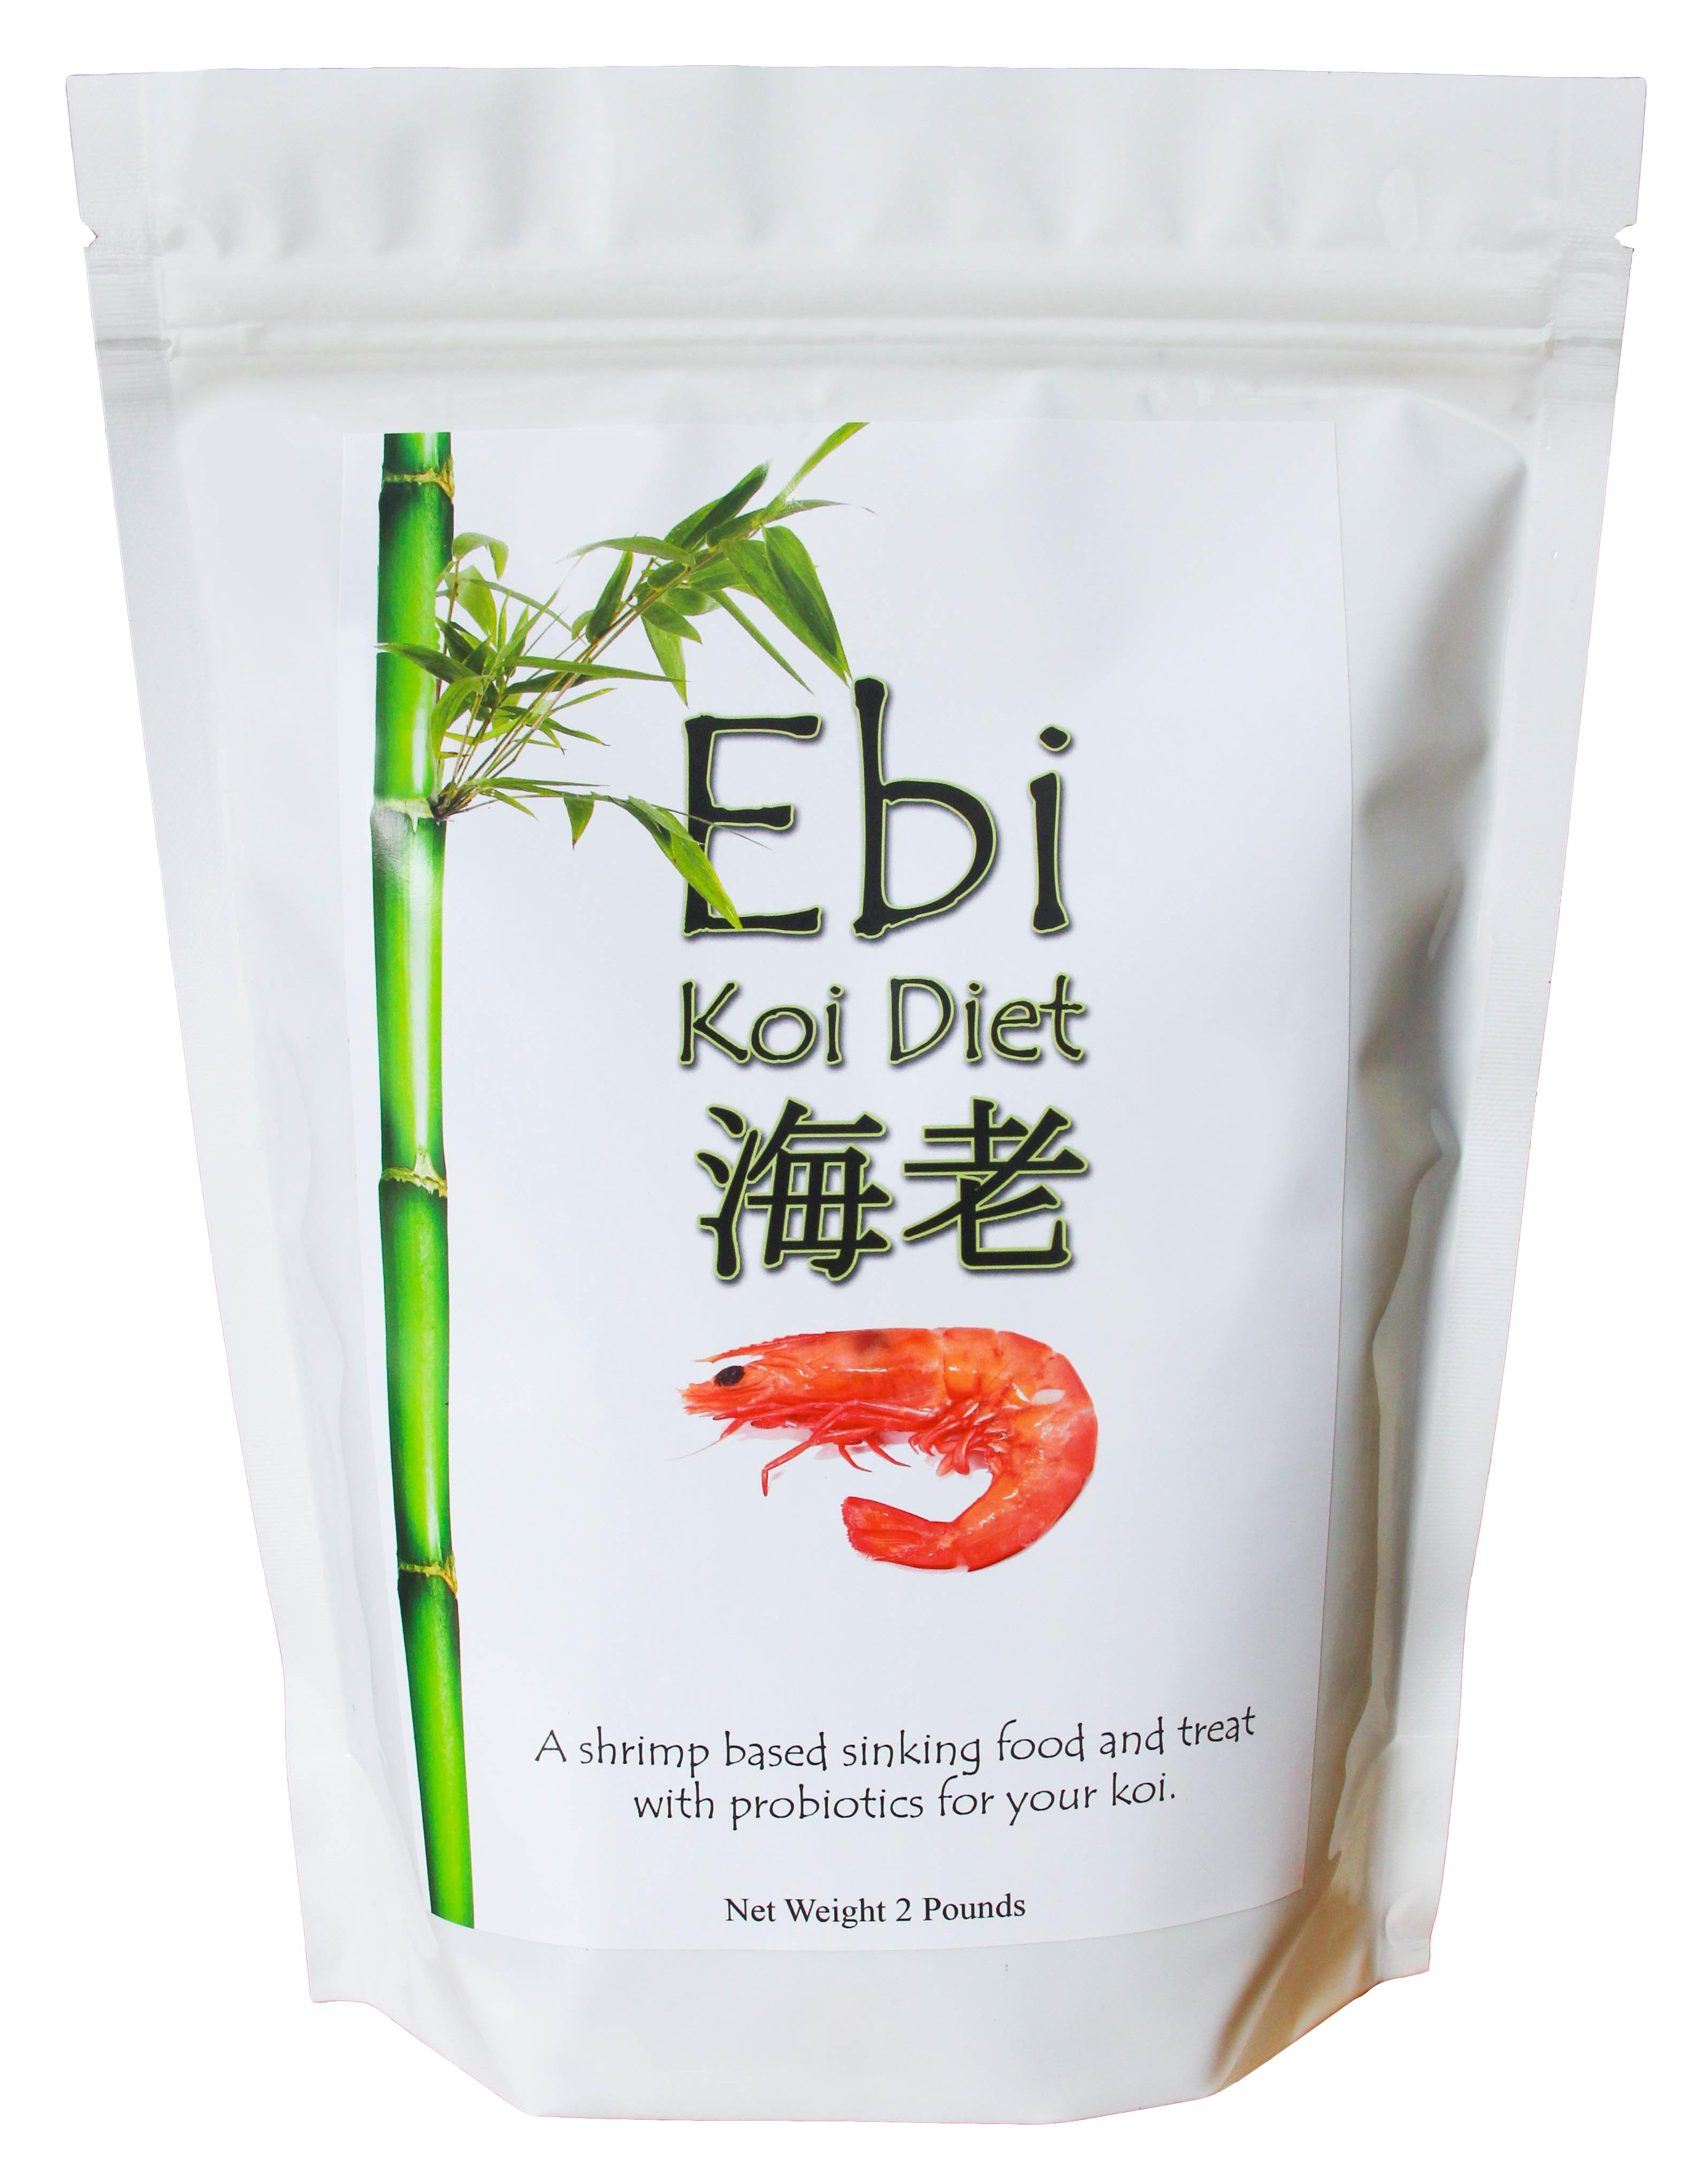 EBI Koi Diet